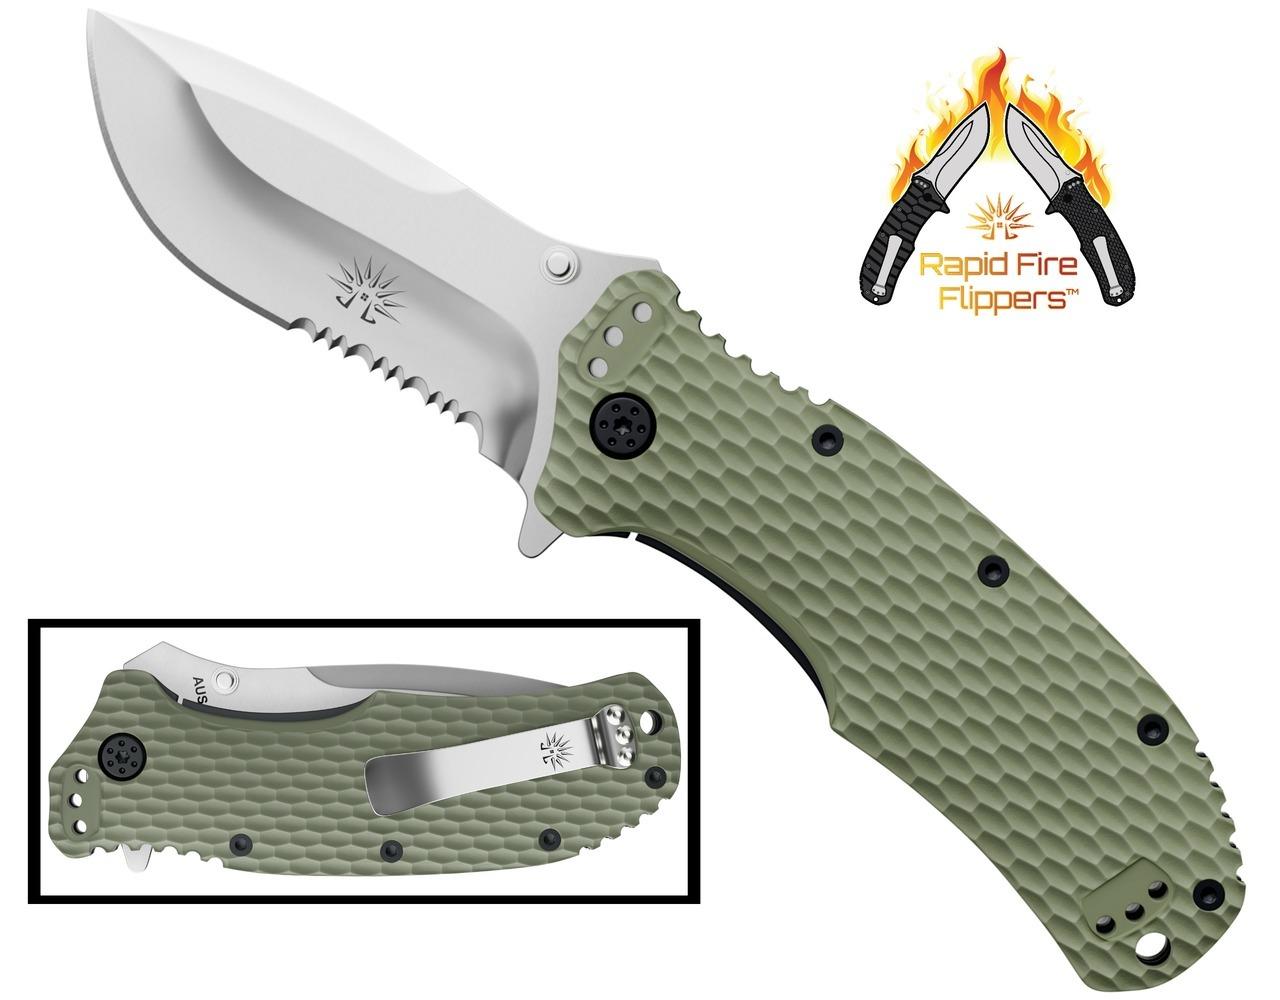 cleaver-flipper-knife123.jpg